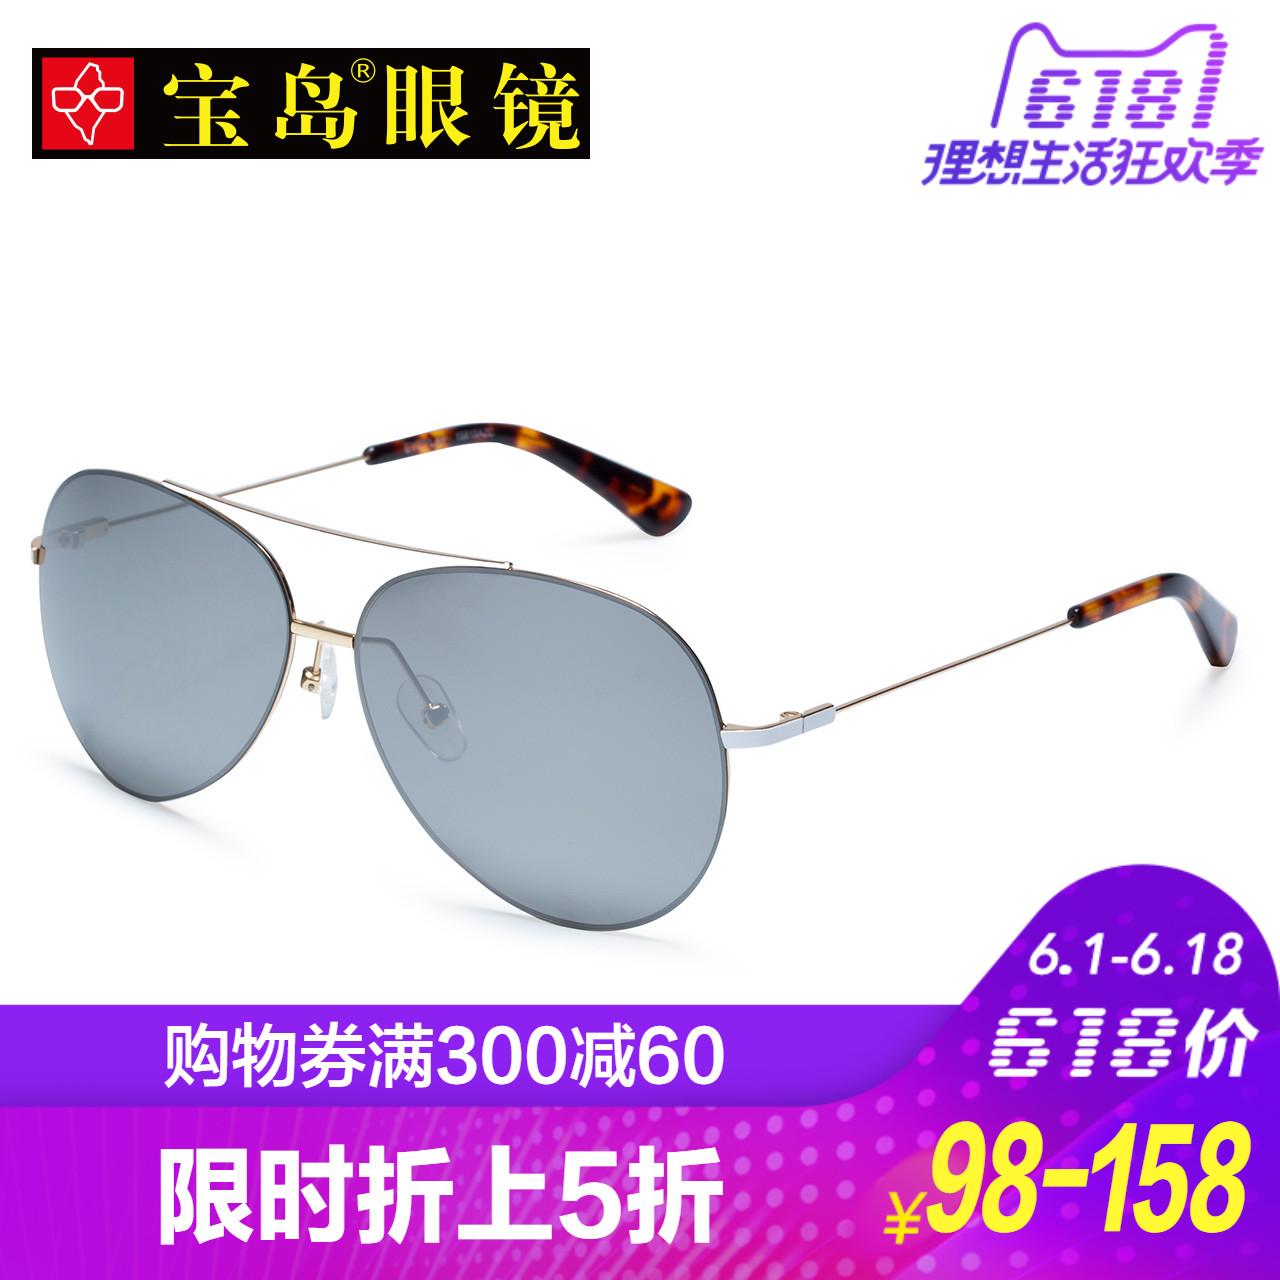 eyeplay 太阳眼镜好不好,太阳眼镜哪个牌子好